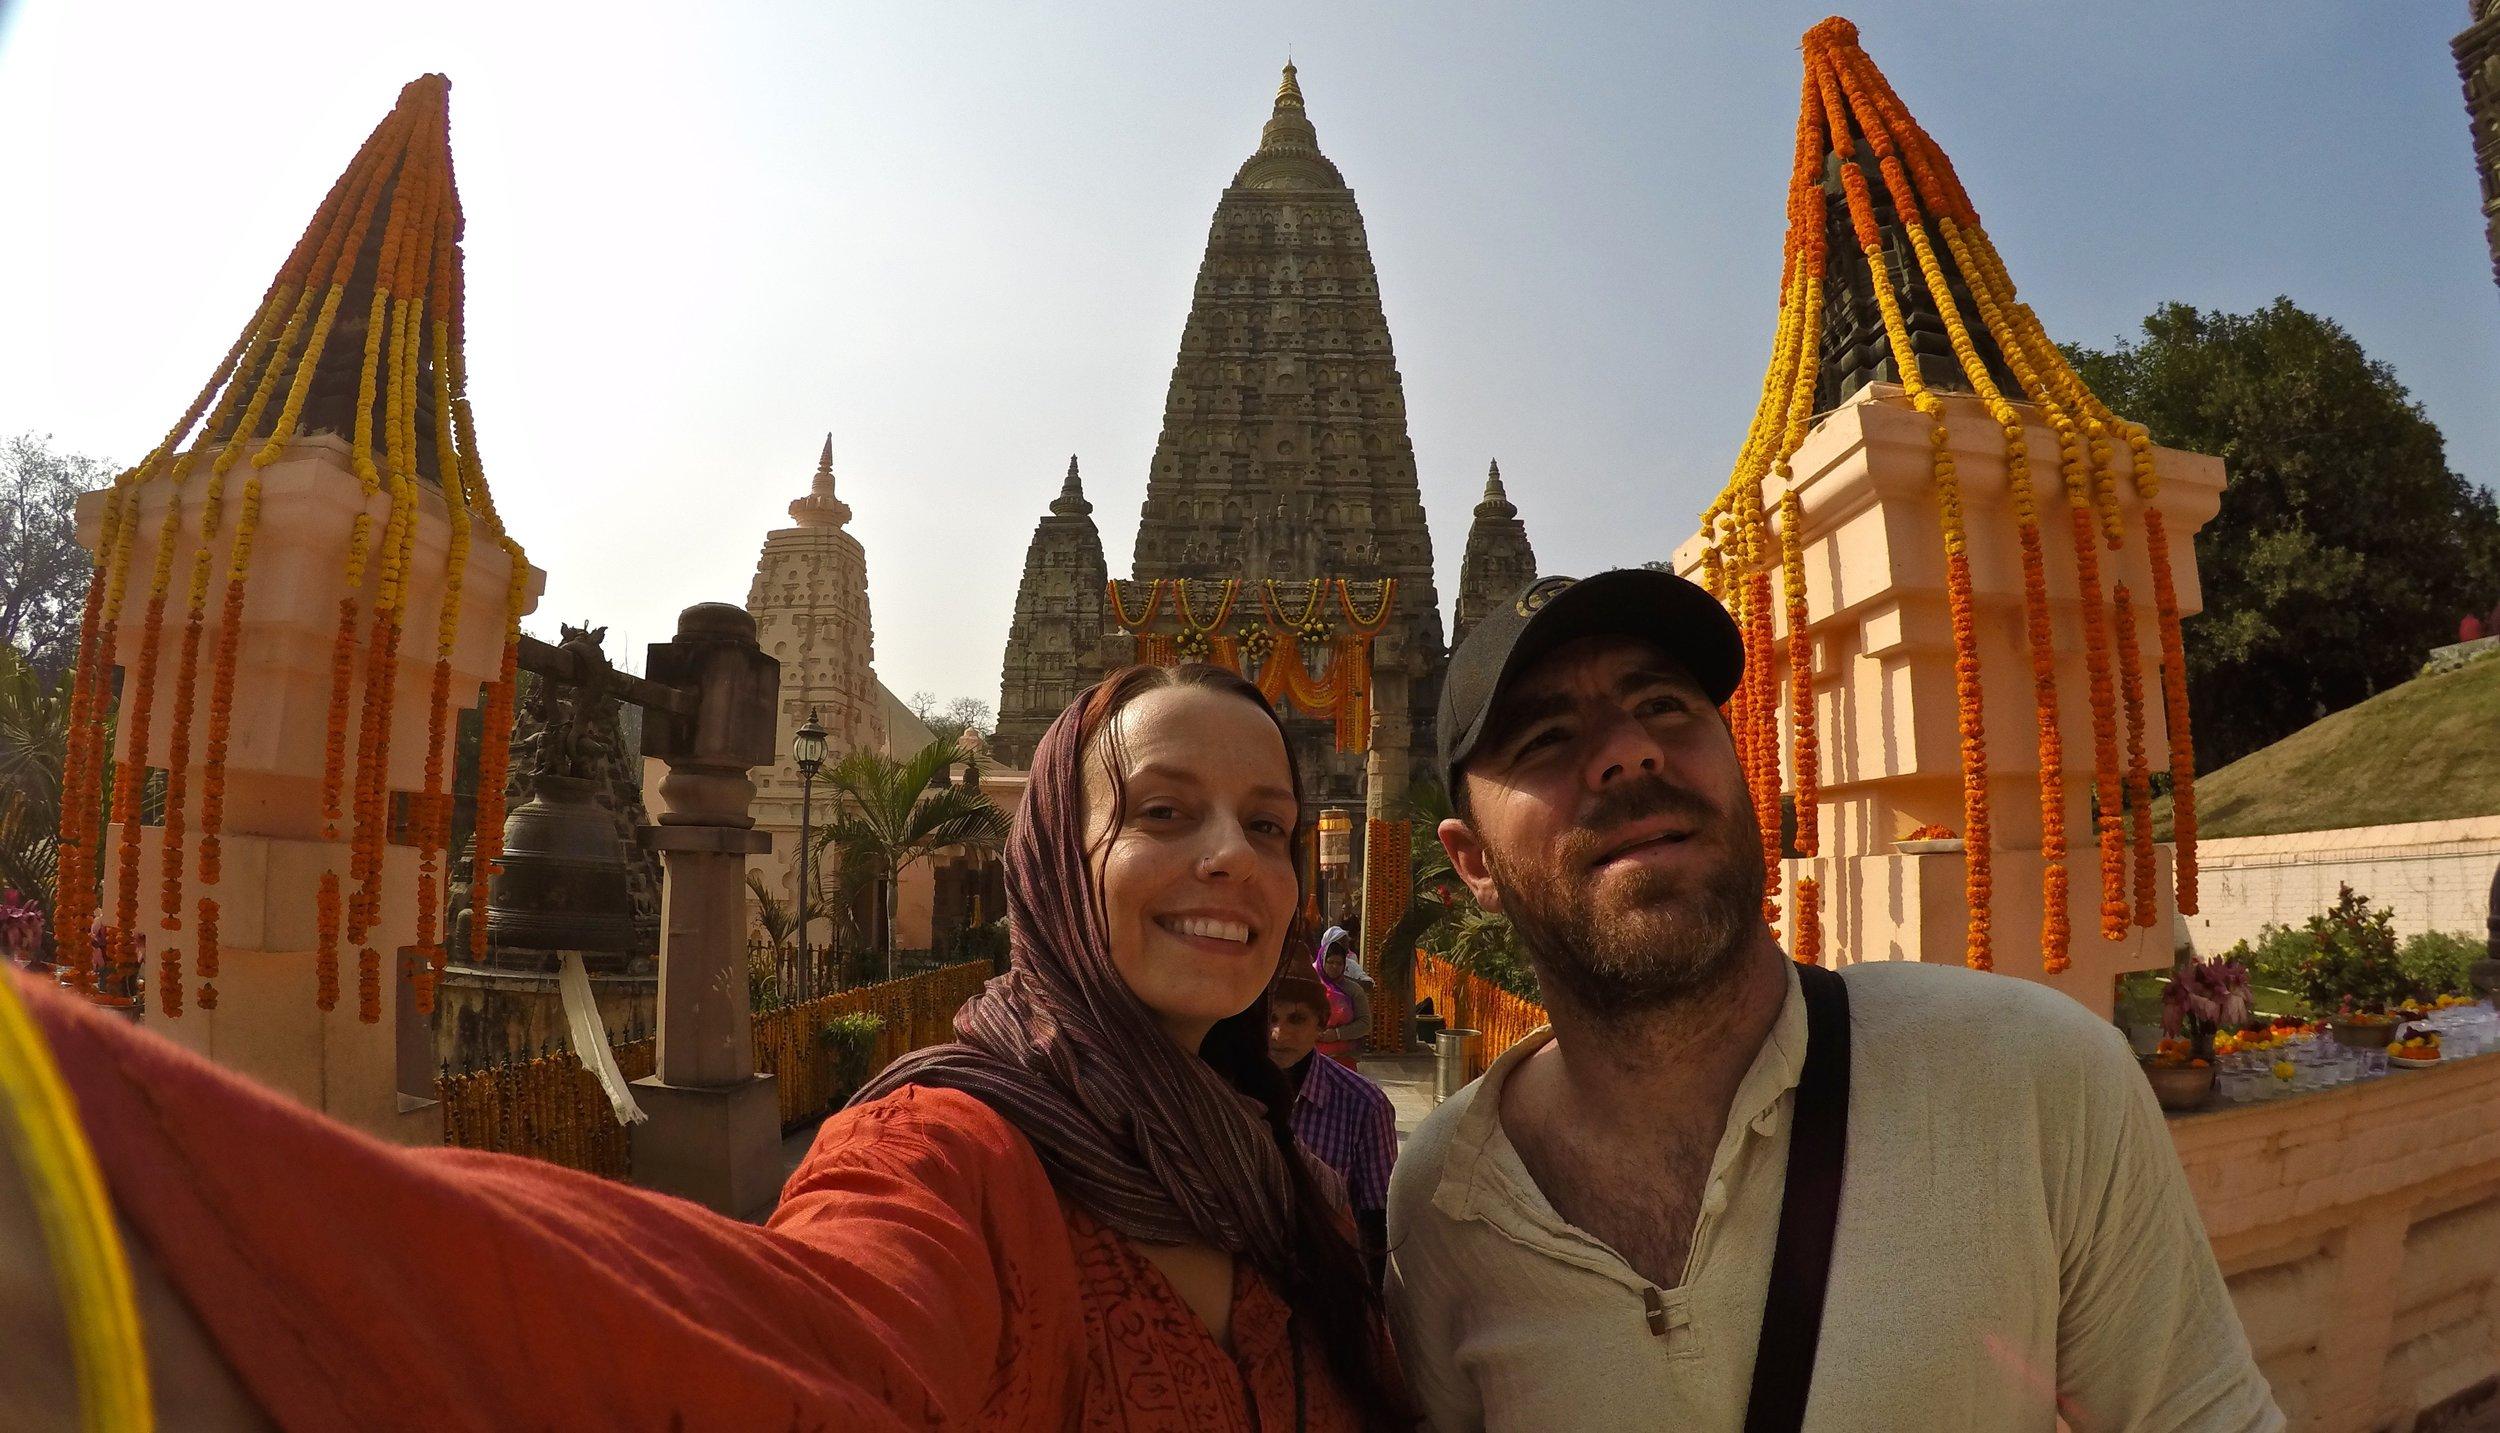 Mahabodhi Temple Bodhgaya India